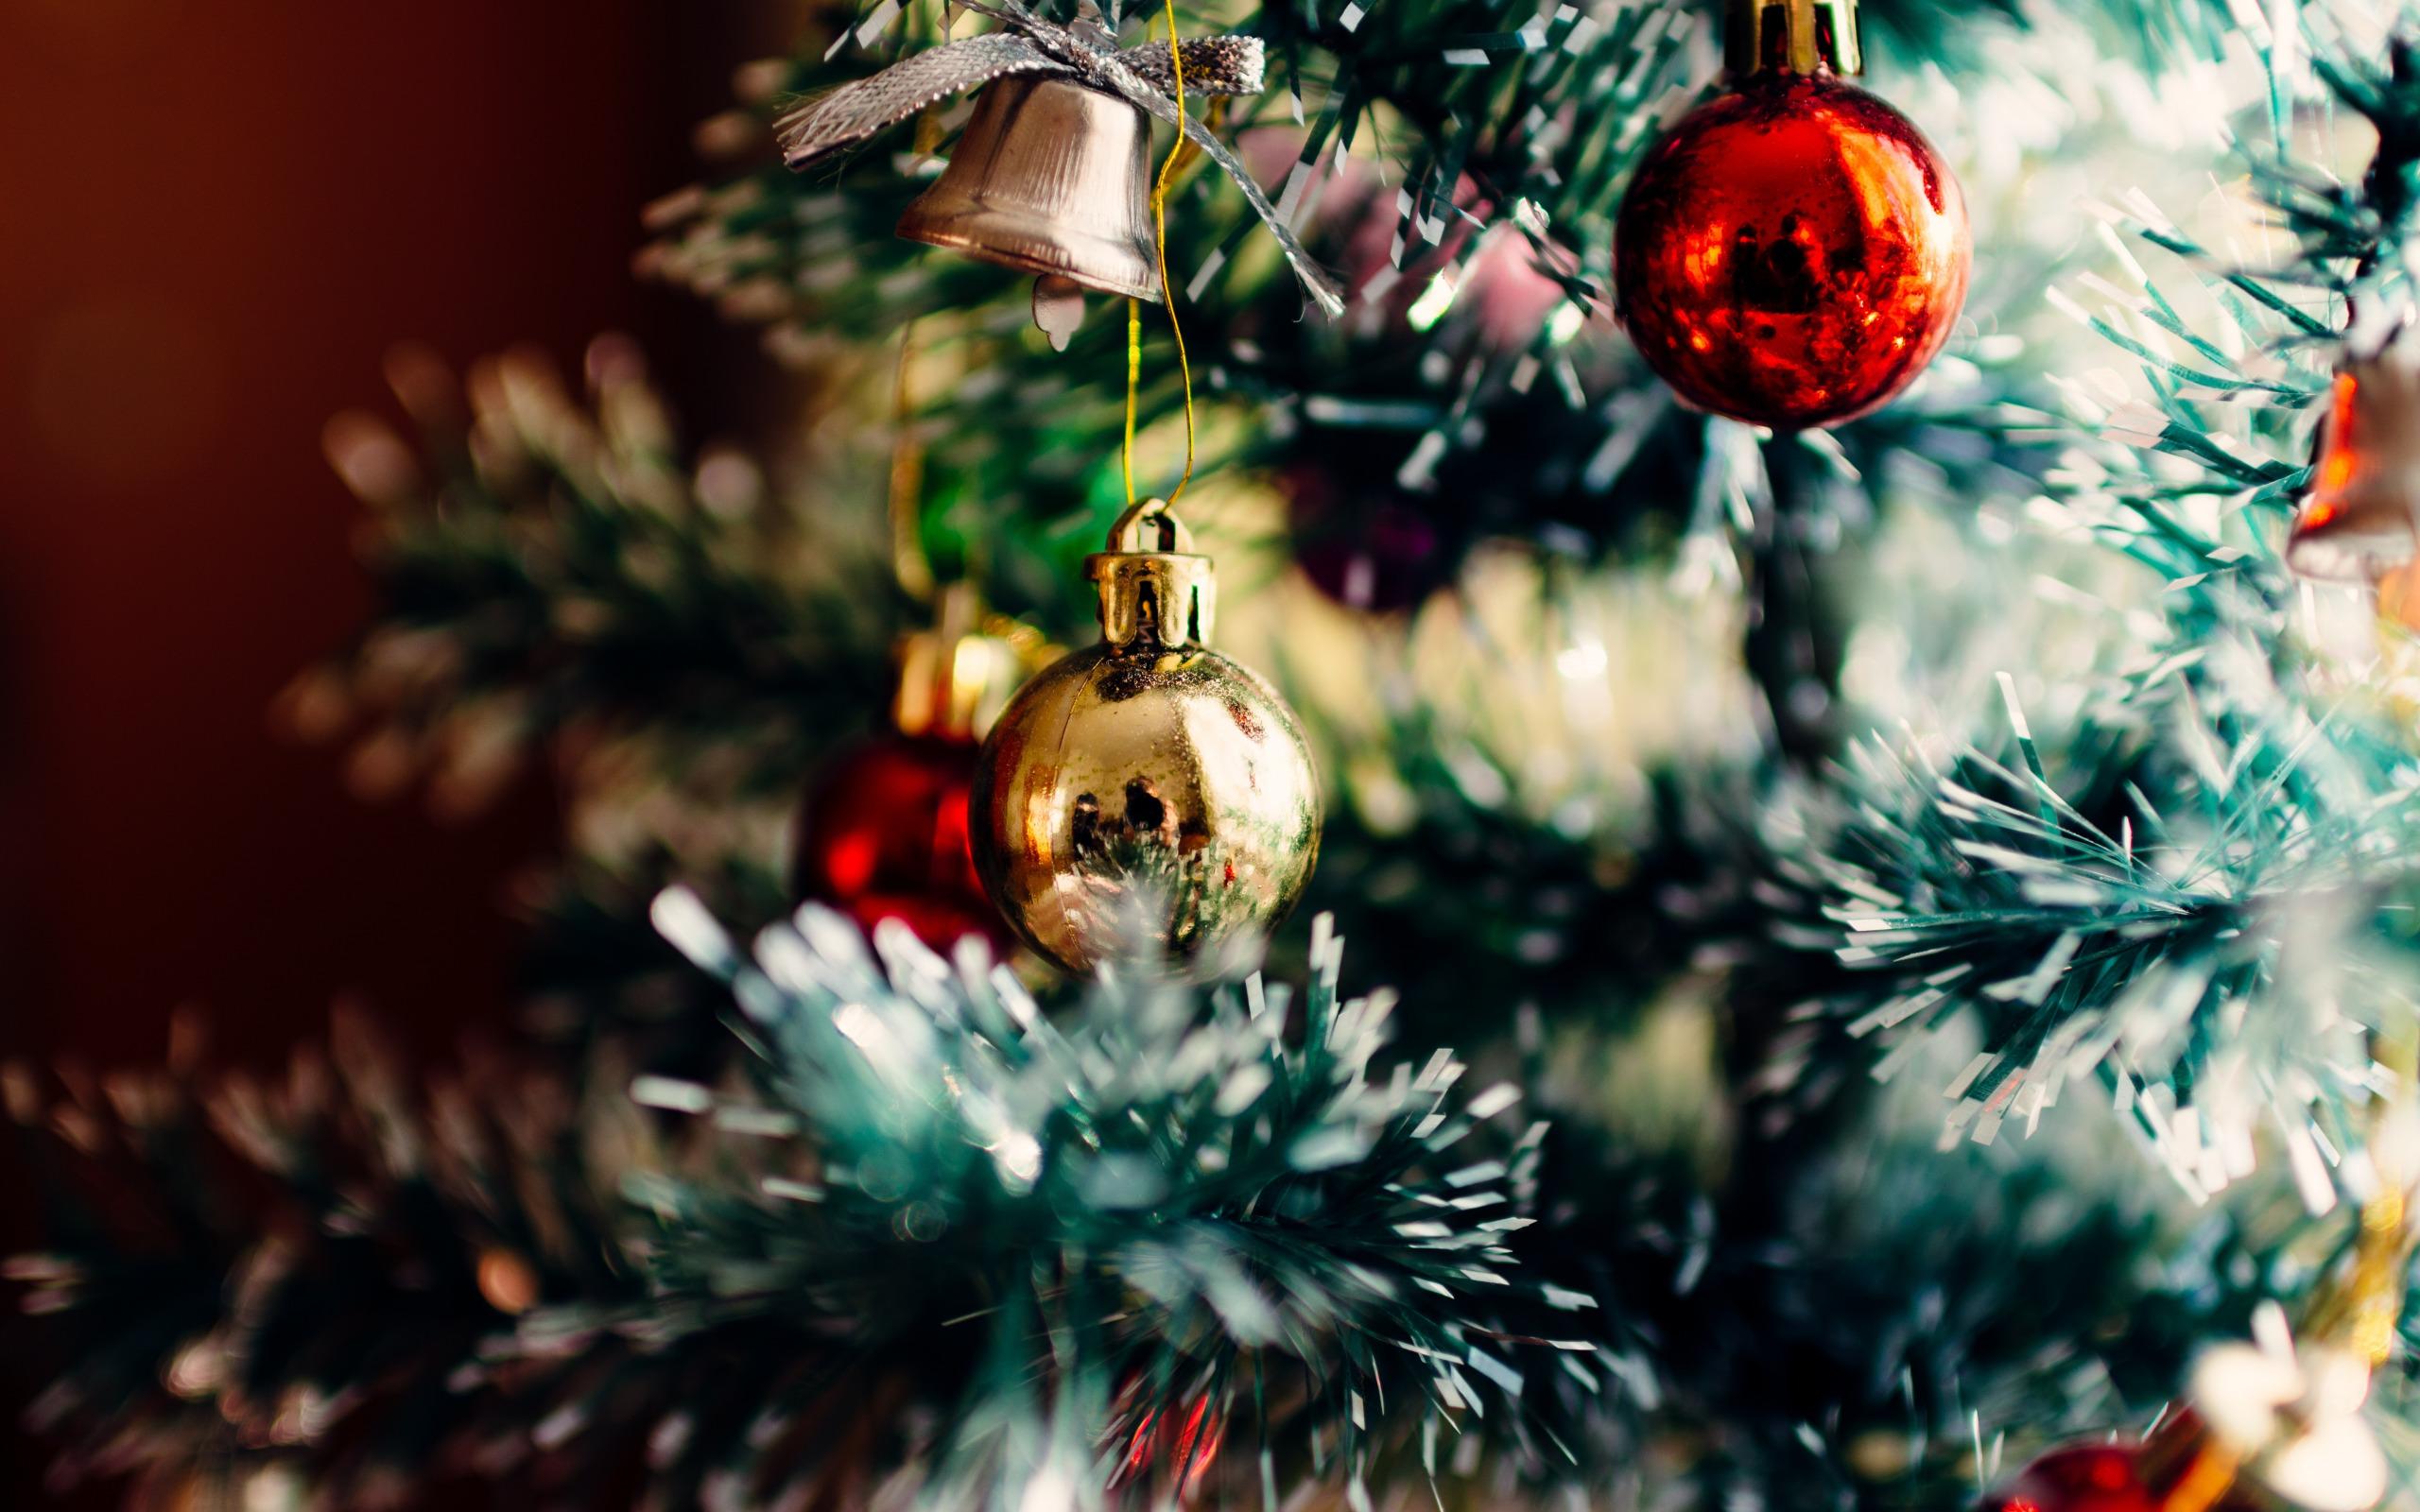 Картинки красивые с елкой, картинки